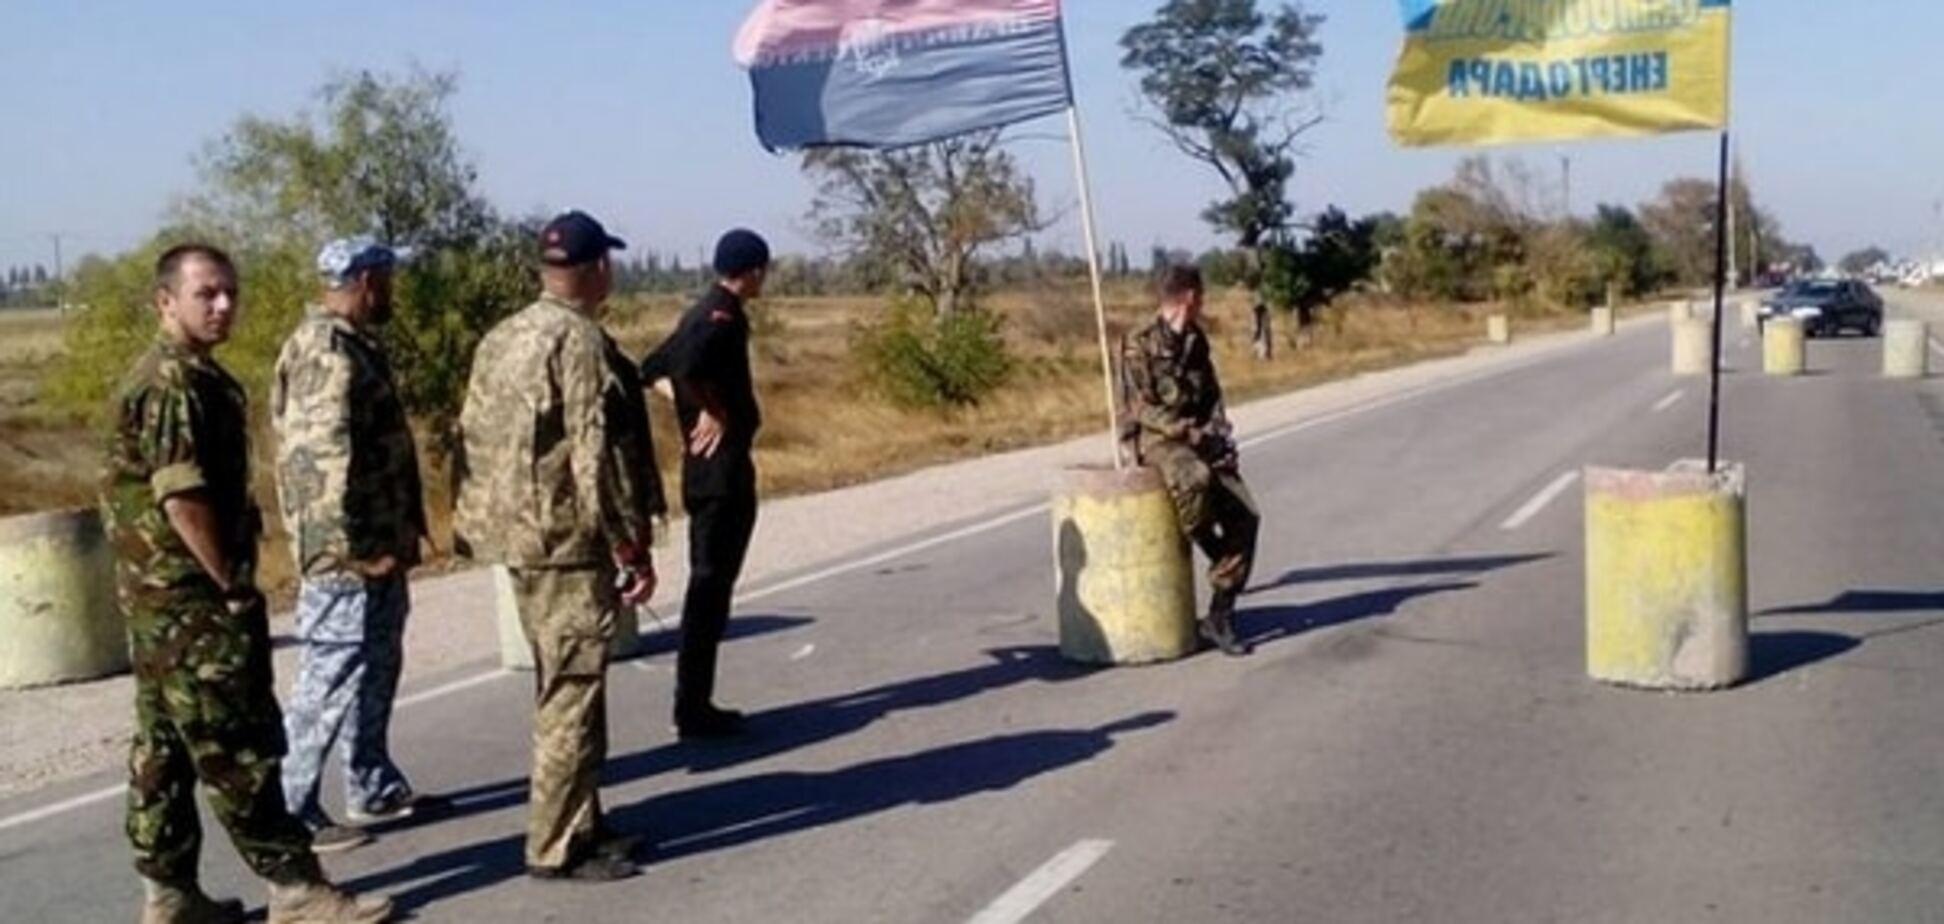 До блокади Криму підключився 'Азов': будемо стільки, скільки потрібно